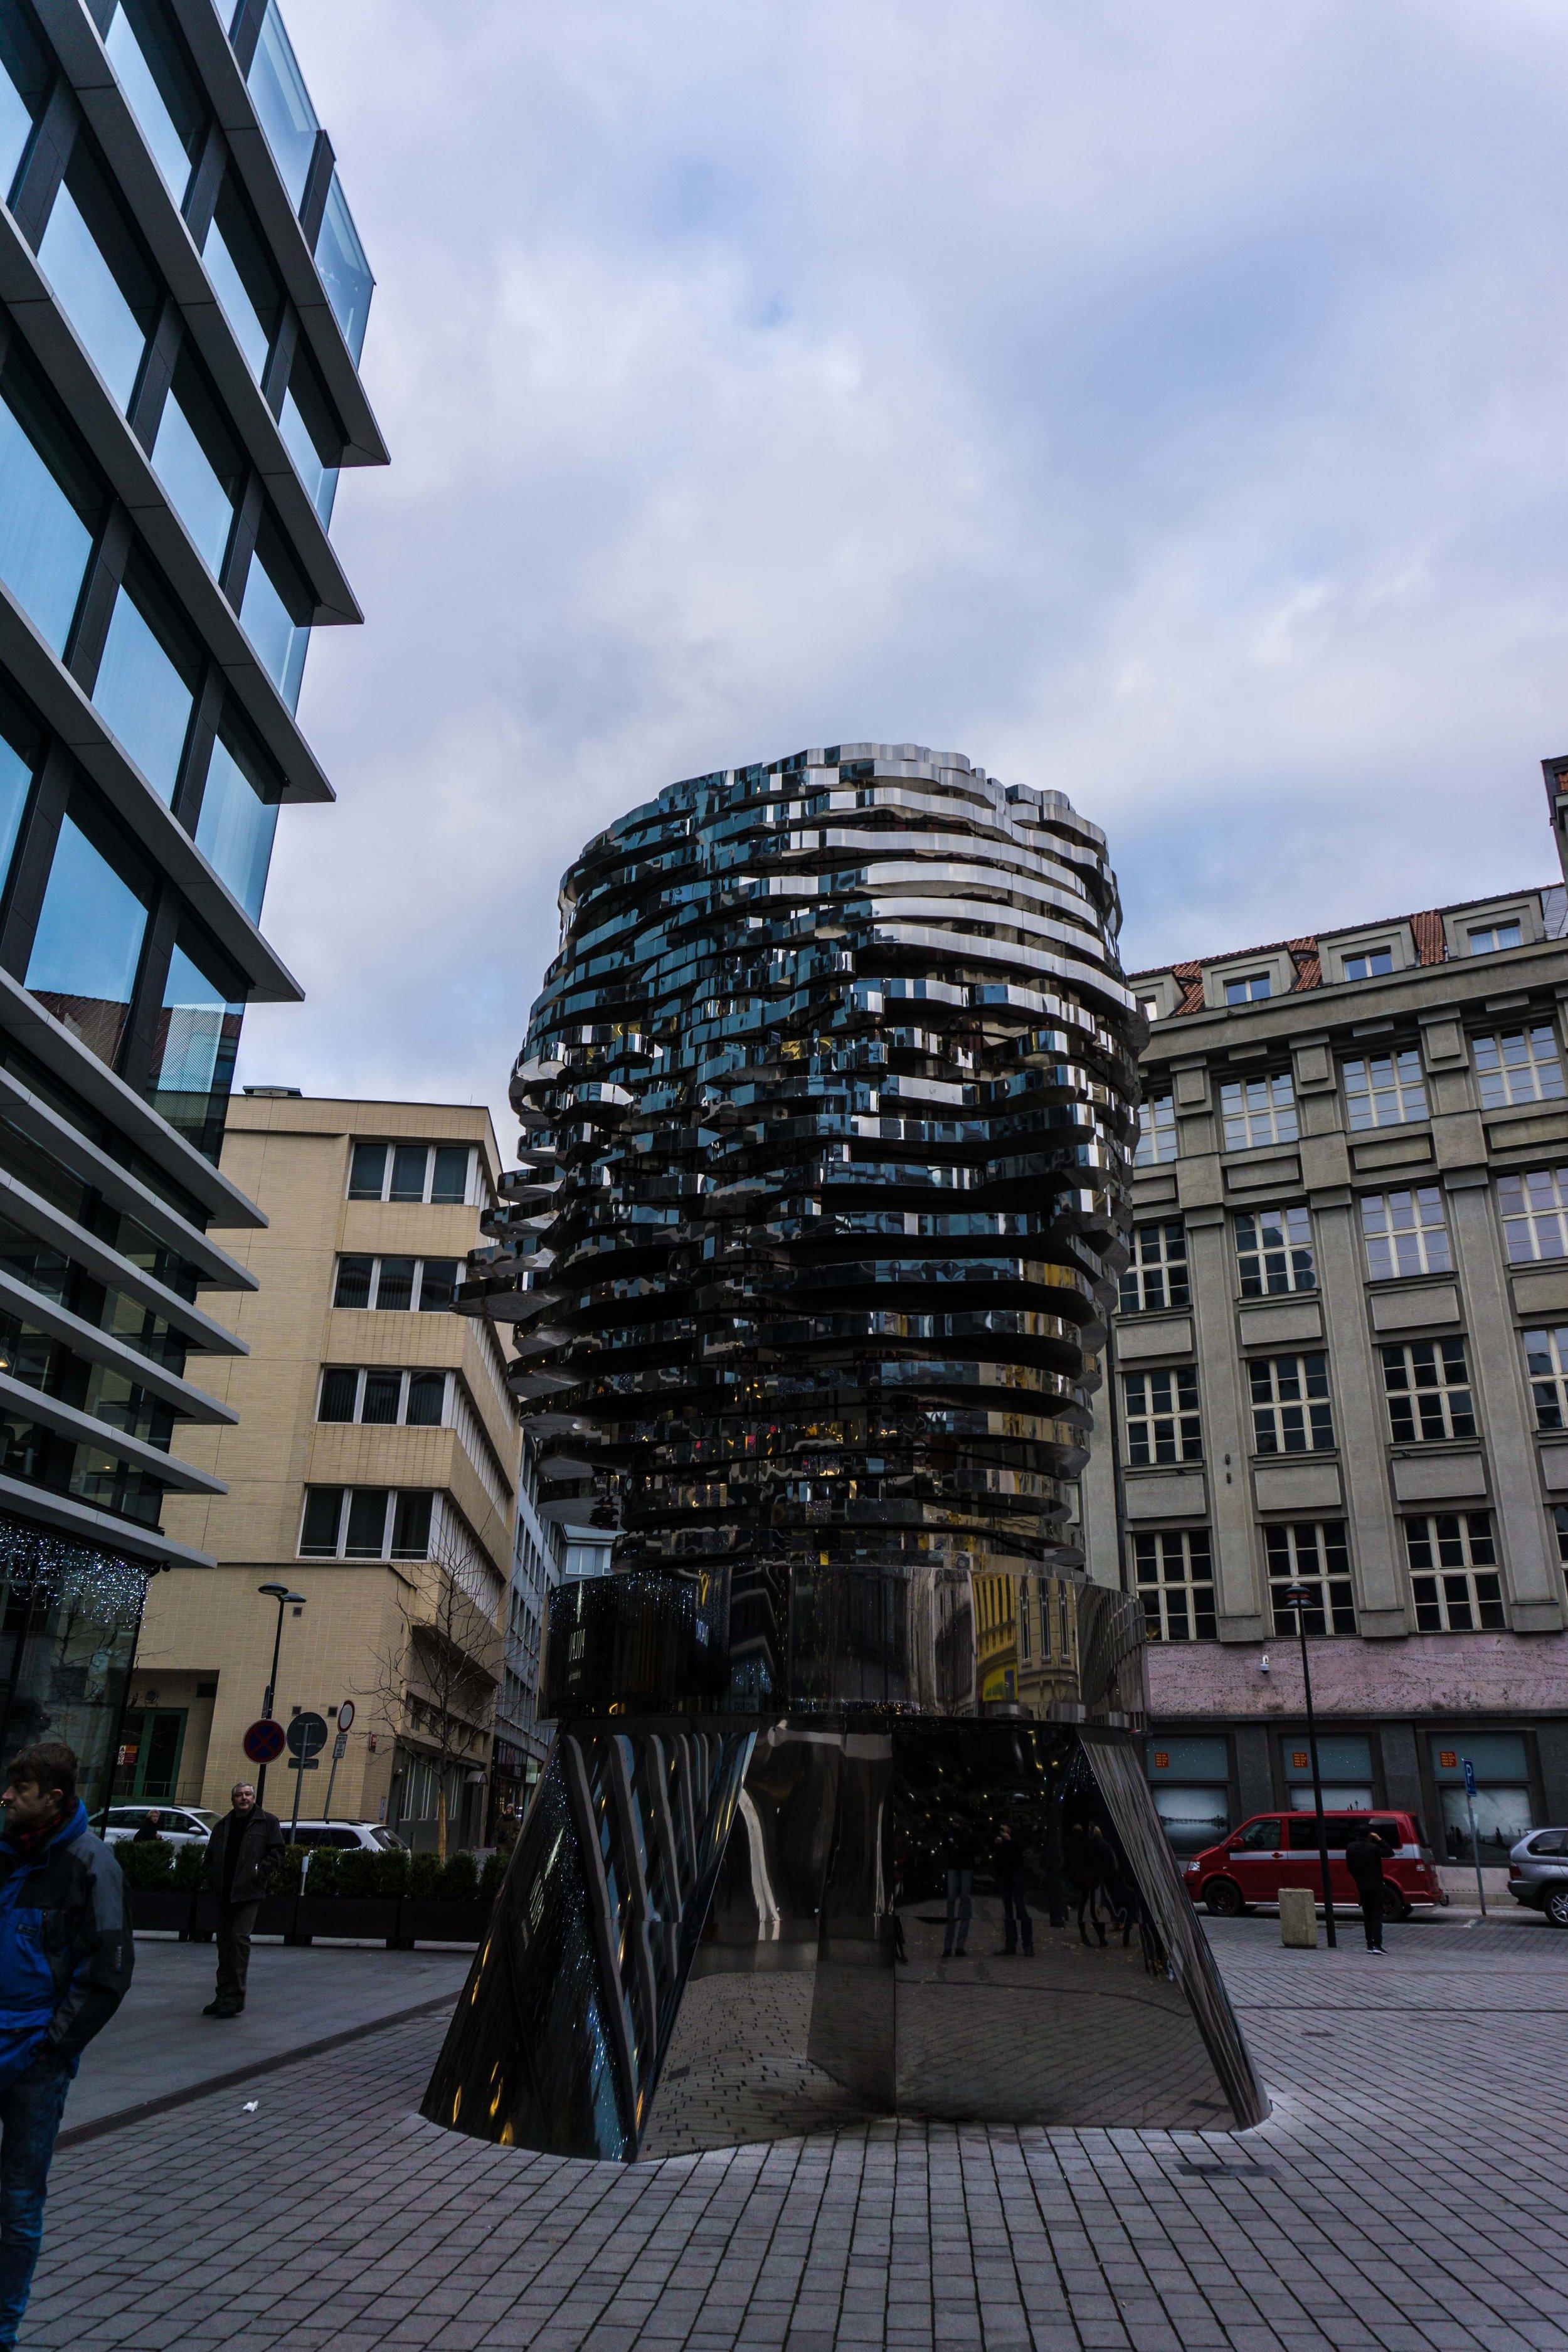 Prague-05230.jpg